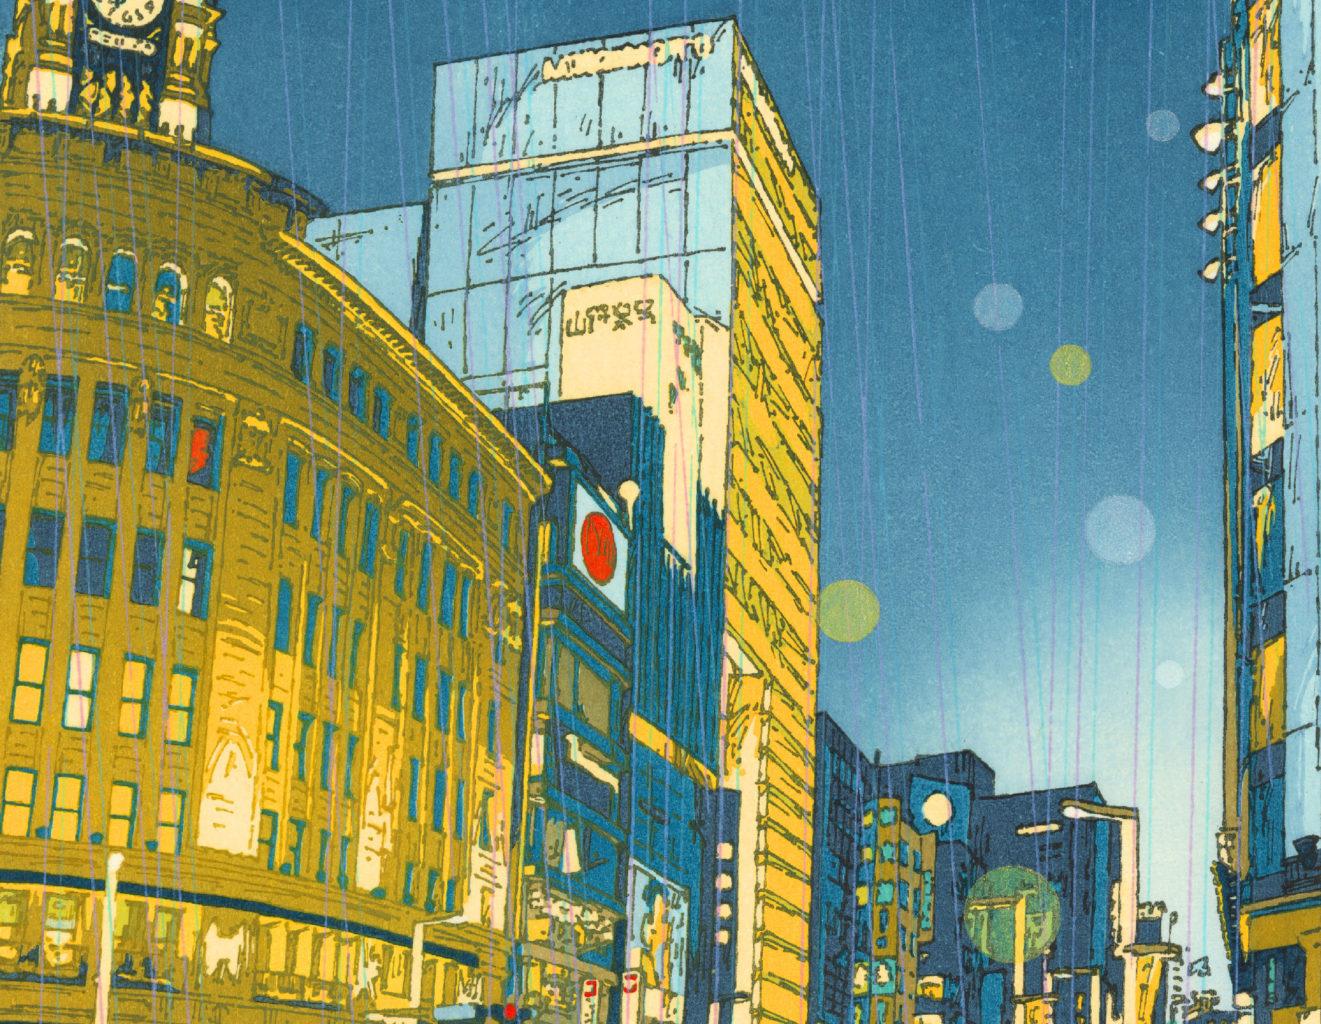 イラストレーター・つちもちしんじの現代版浮世絵作品集『浮き世』発売記念展示、シカクにて開催